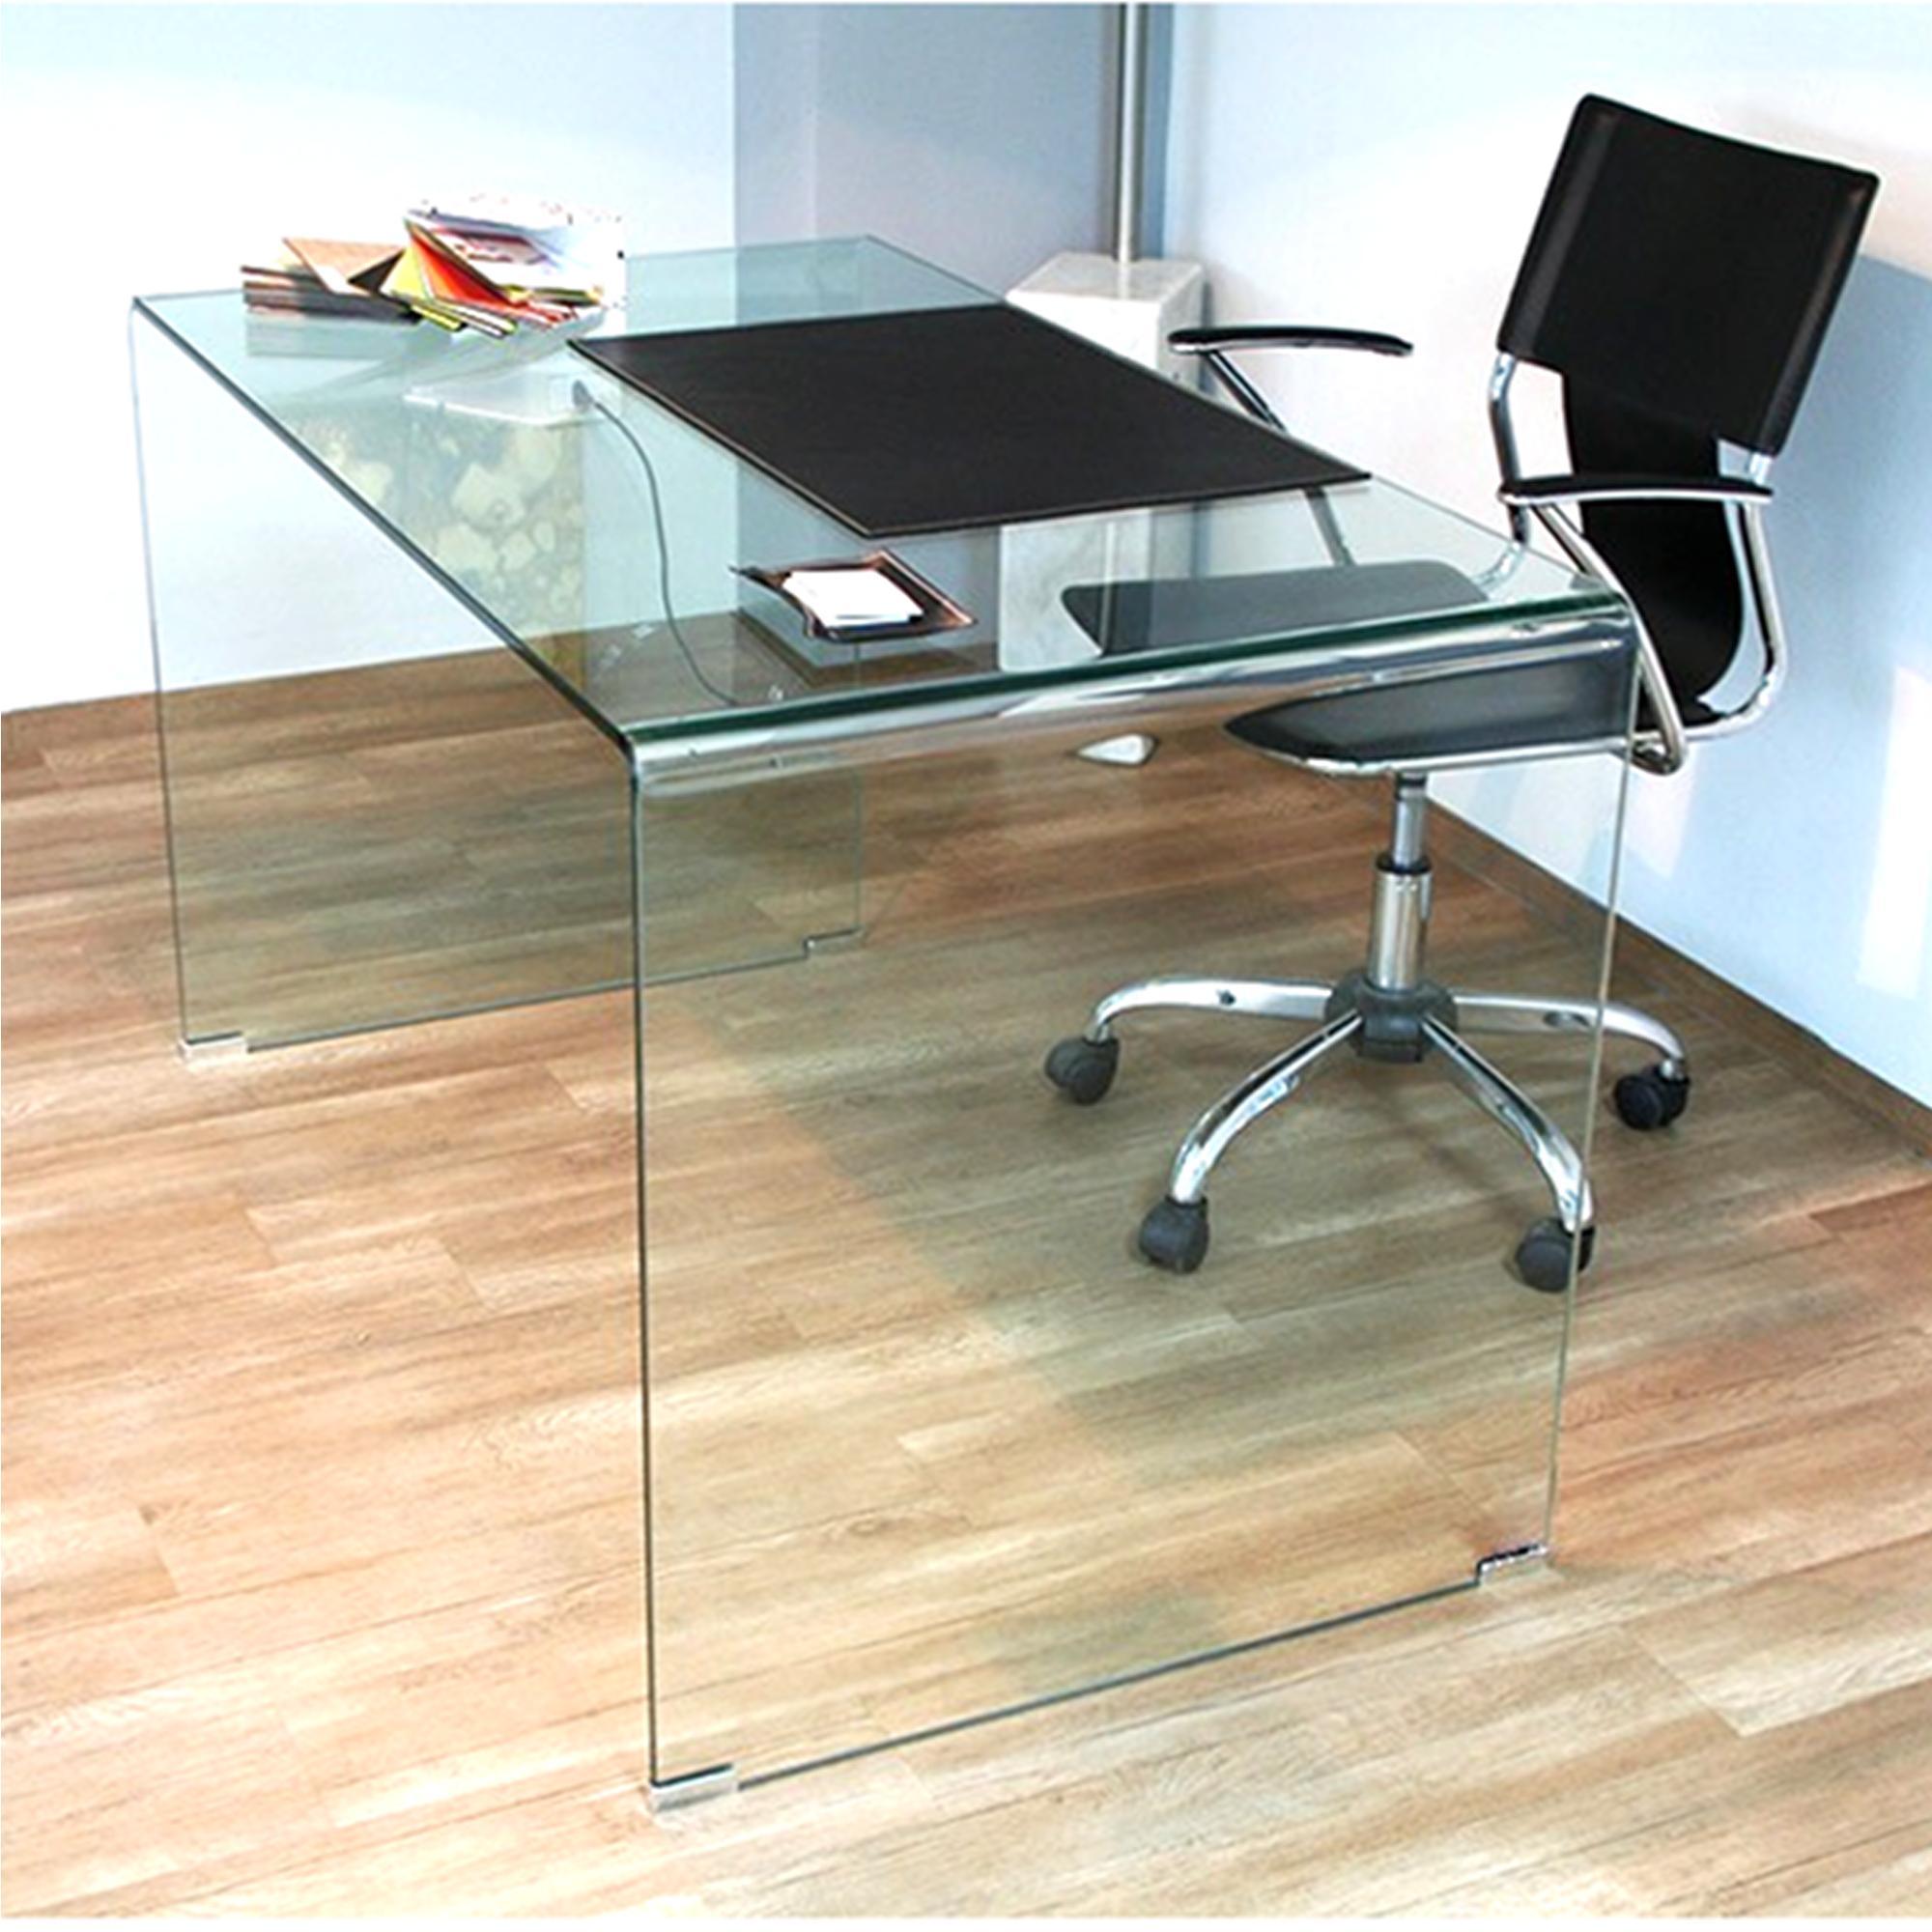 Tavolo Scrivania in vetro curvato 100x70xh73 cm spessore 12 mm ...